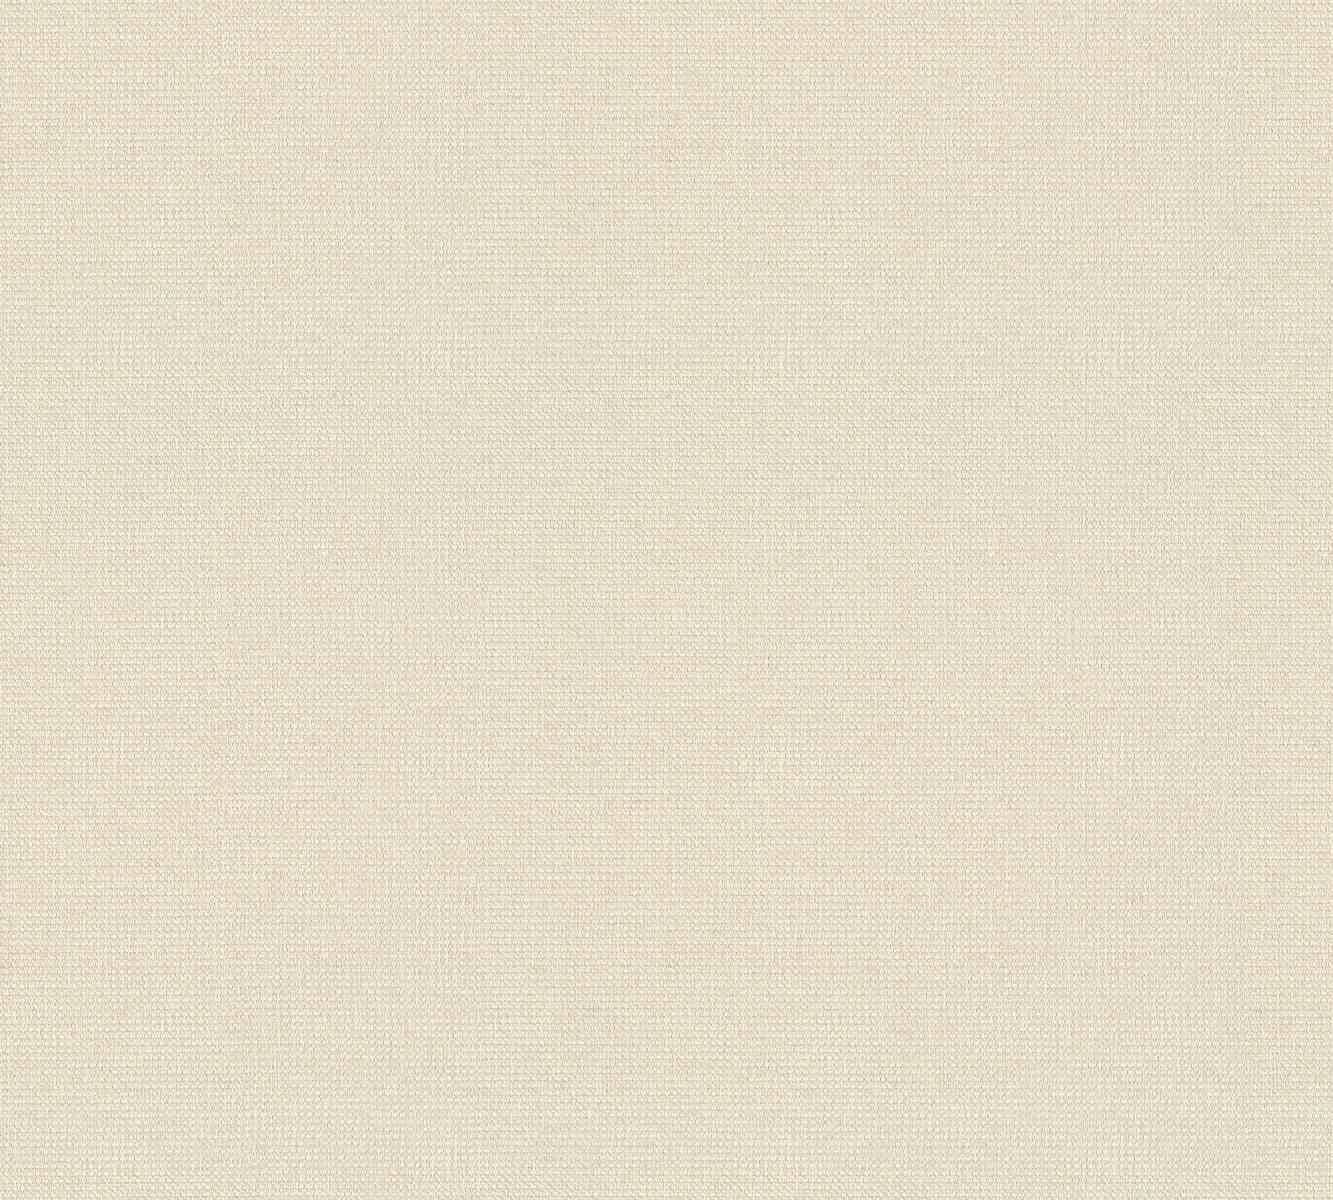 mystique plain colour wall paper beige metallic 324242